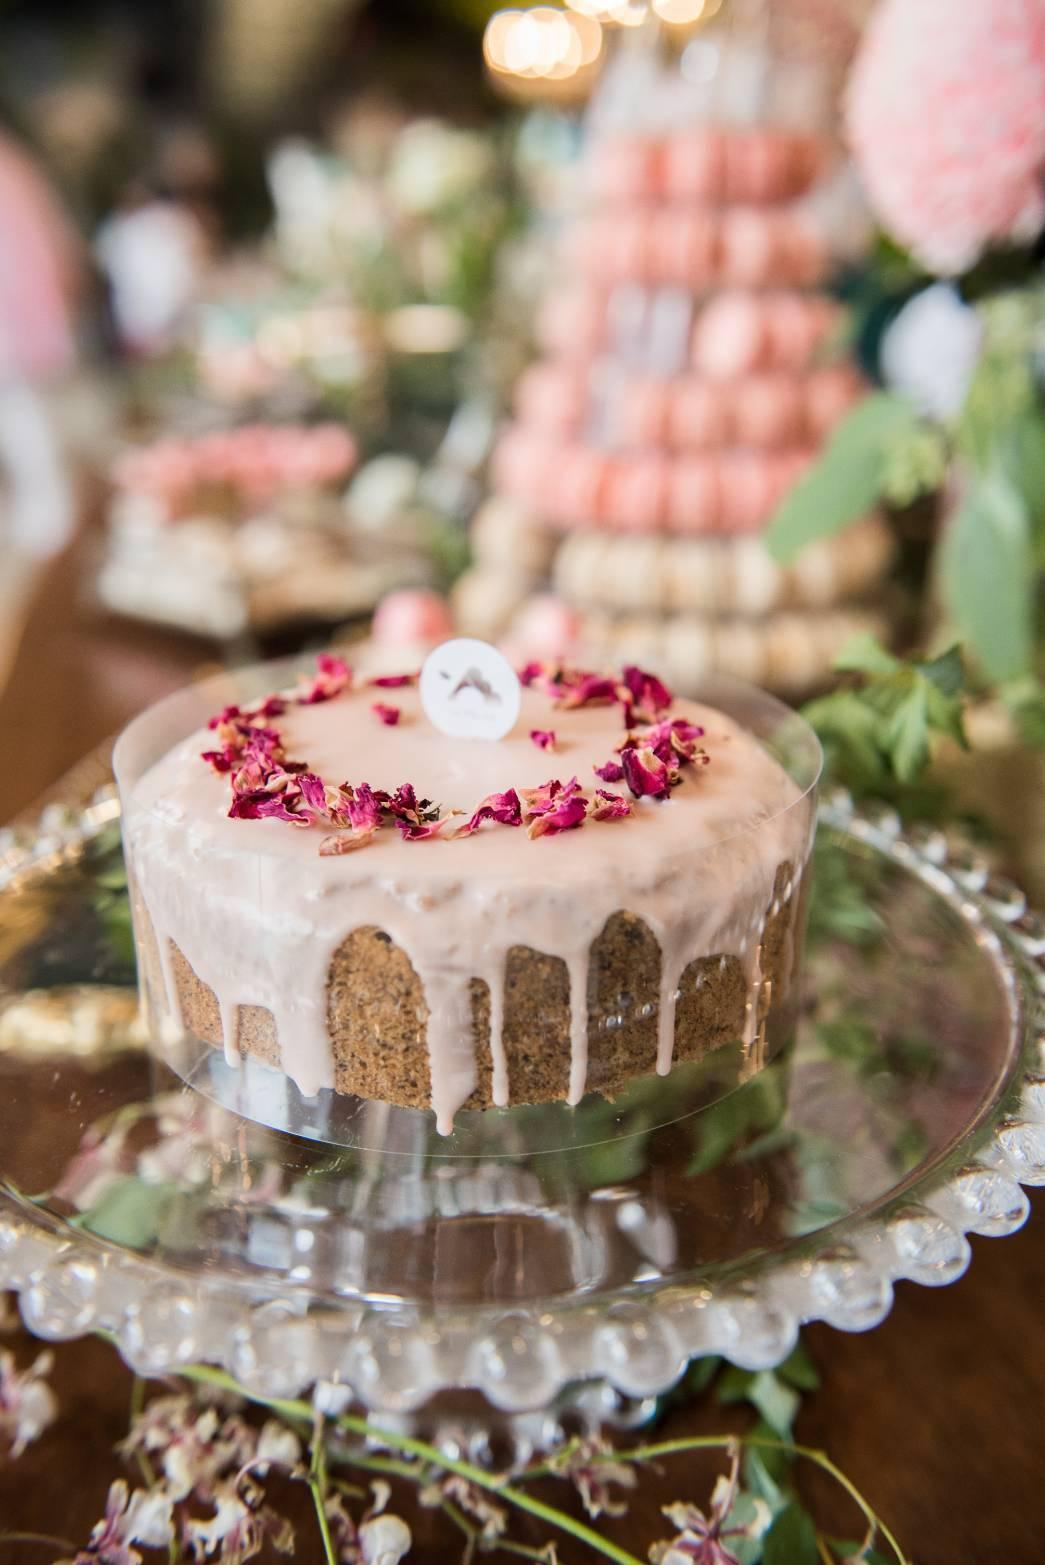 牙子的彌月蛋糕。圖/Lefruta朗芙提供